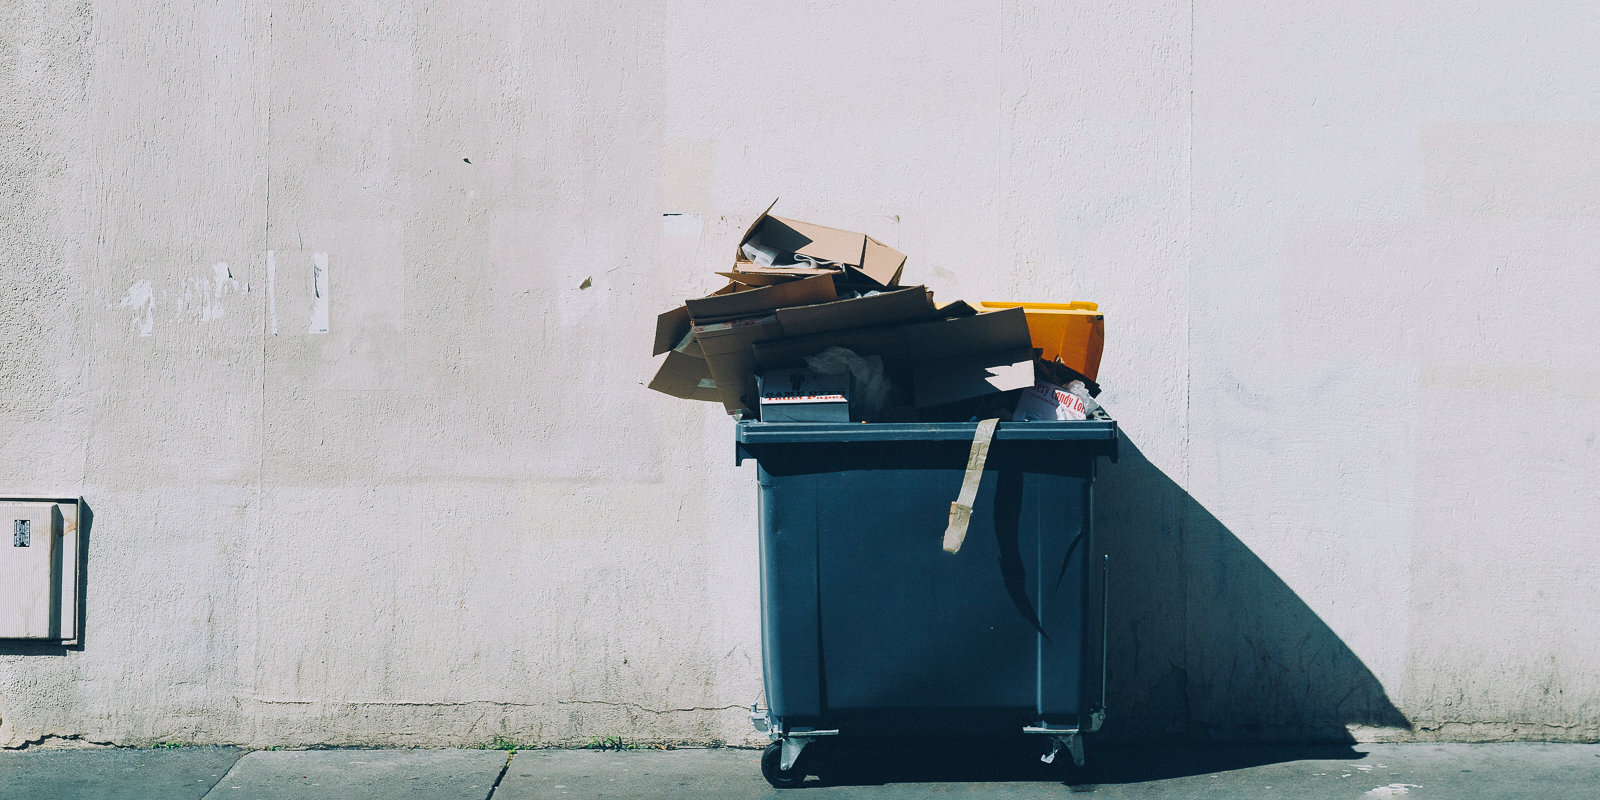 Gribu šķirot atkritumus, bet pie mājas nav tvertņu. Ko darīt?